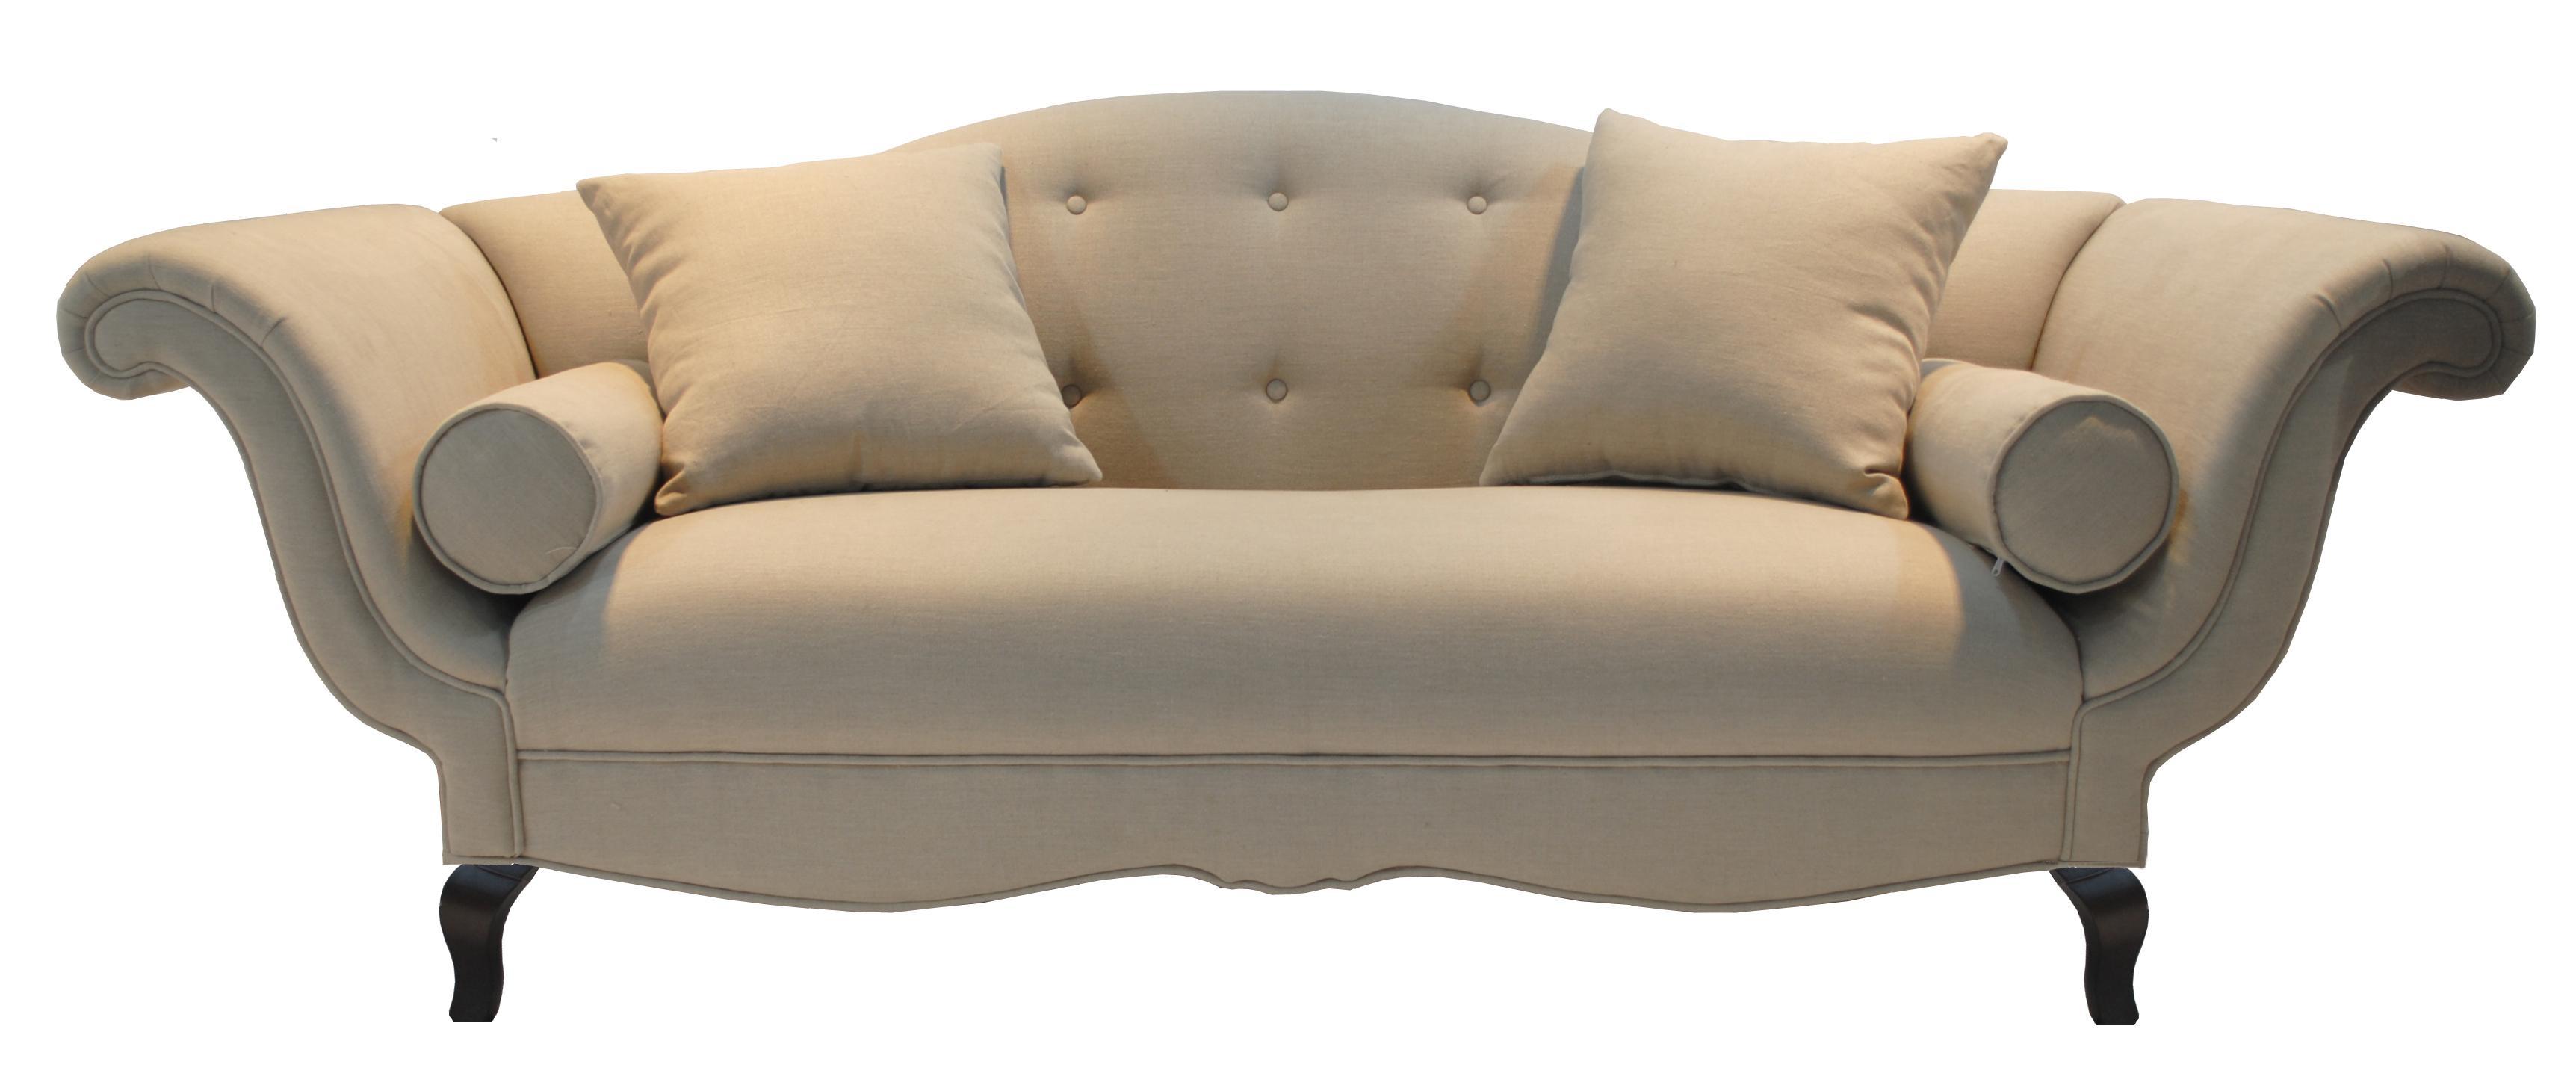 Unusual Sofa 2017 Latest Unusual Sofas  Sofa Ideas